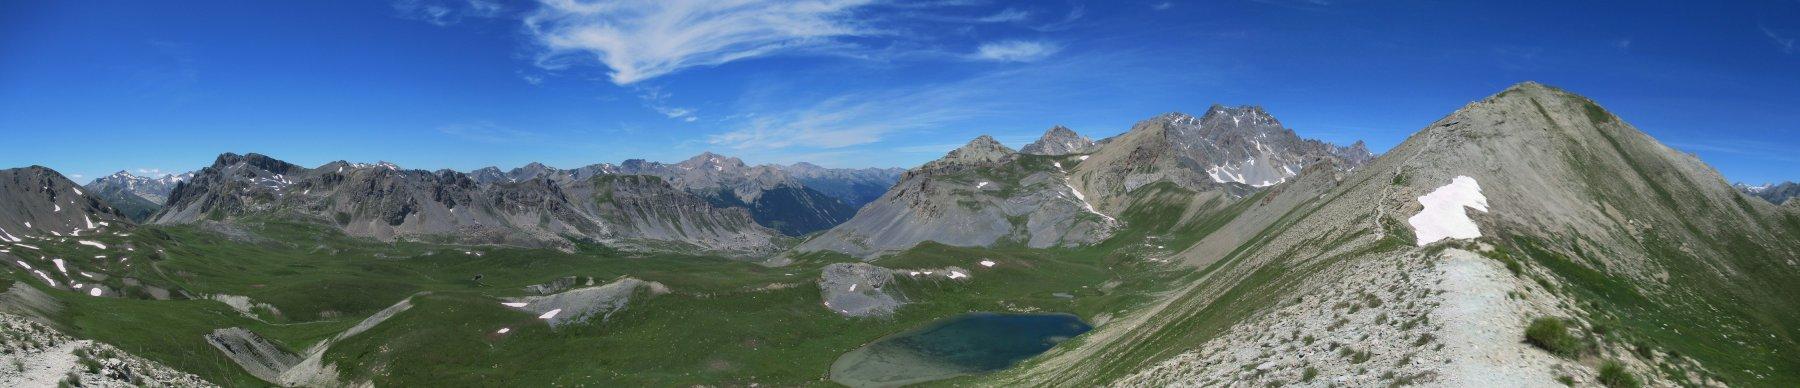 Panorama sul versante francese dal colle delle Munie con il Soubeyran sulla destra